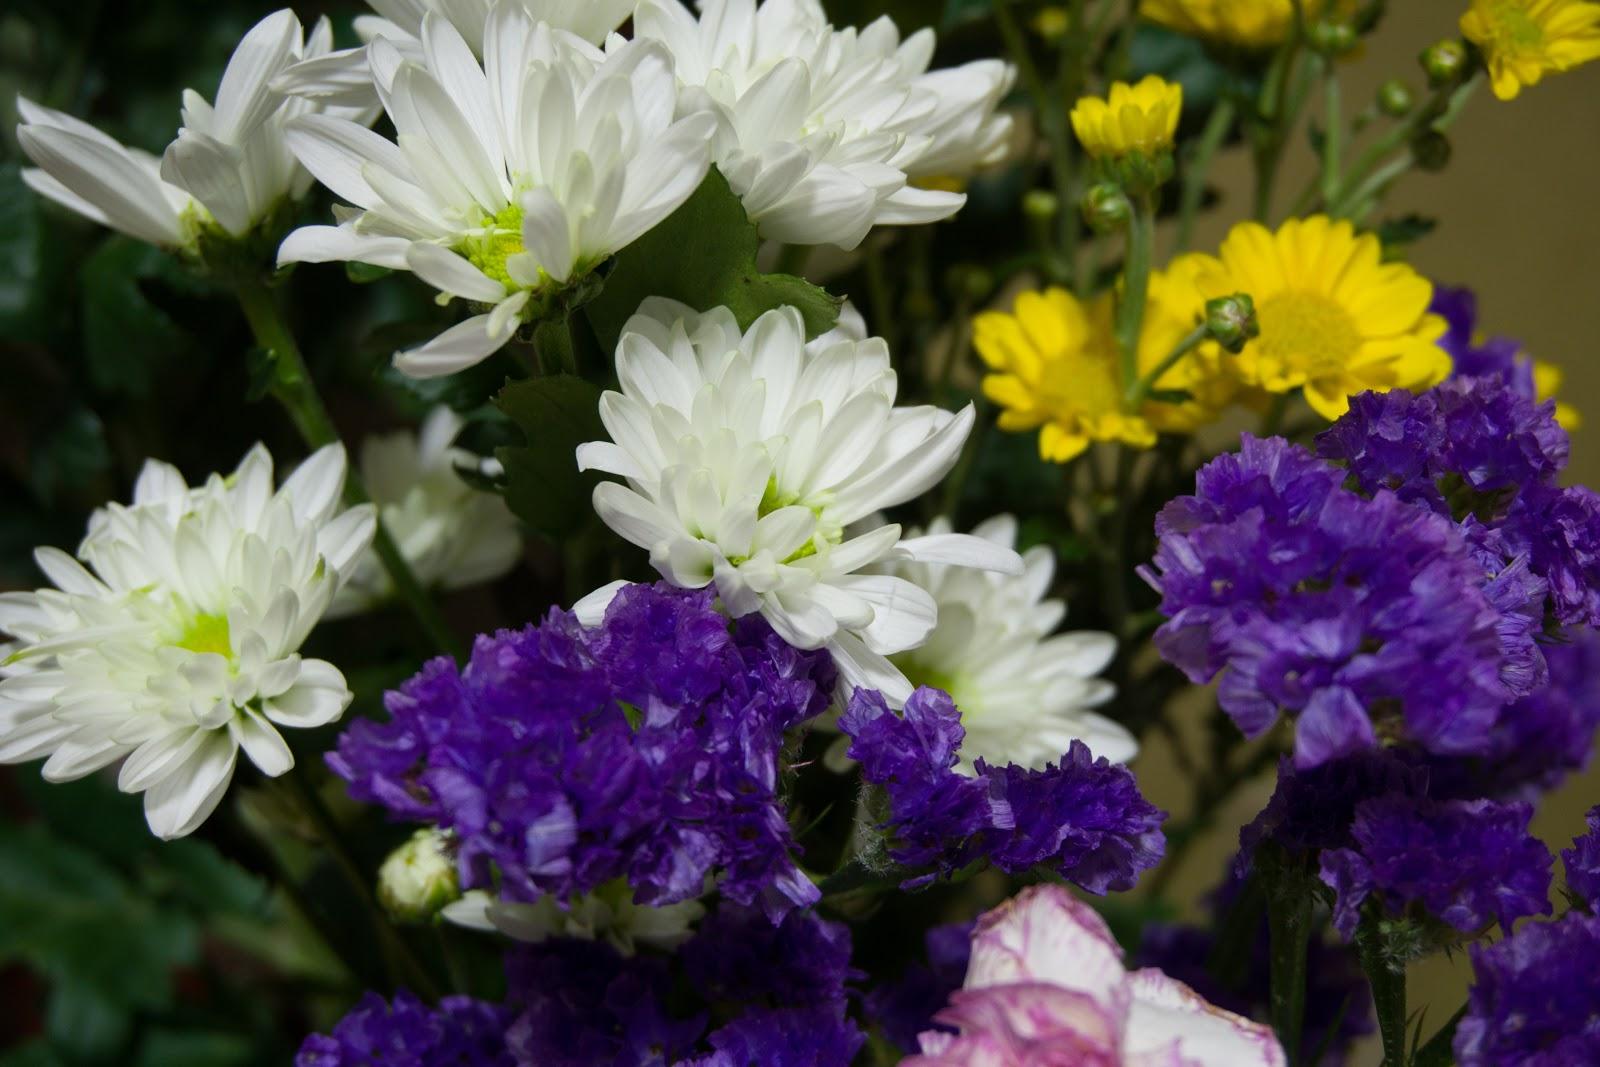 α5100とSELP1650の作例:室内の花瓶の白と紫と黄色の花々